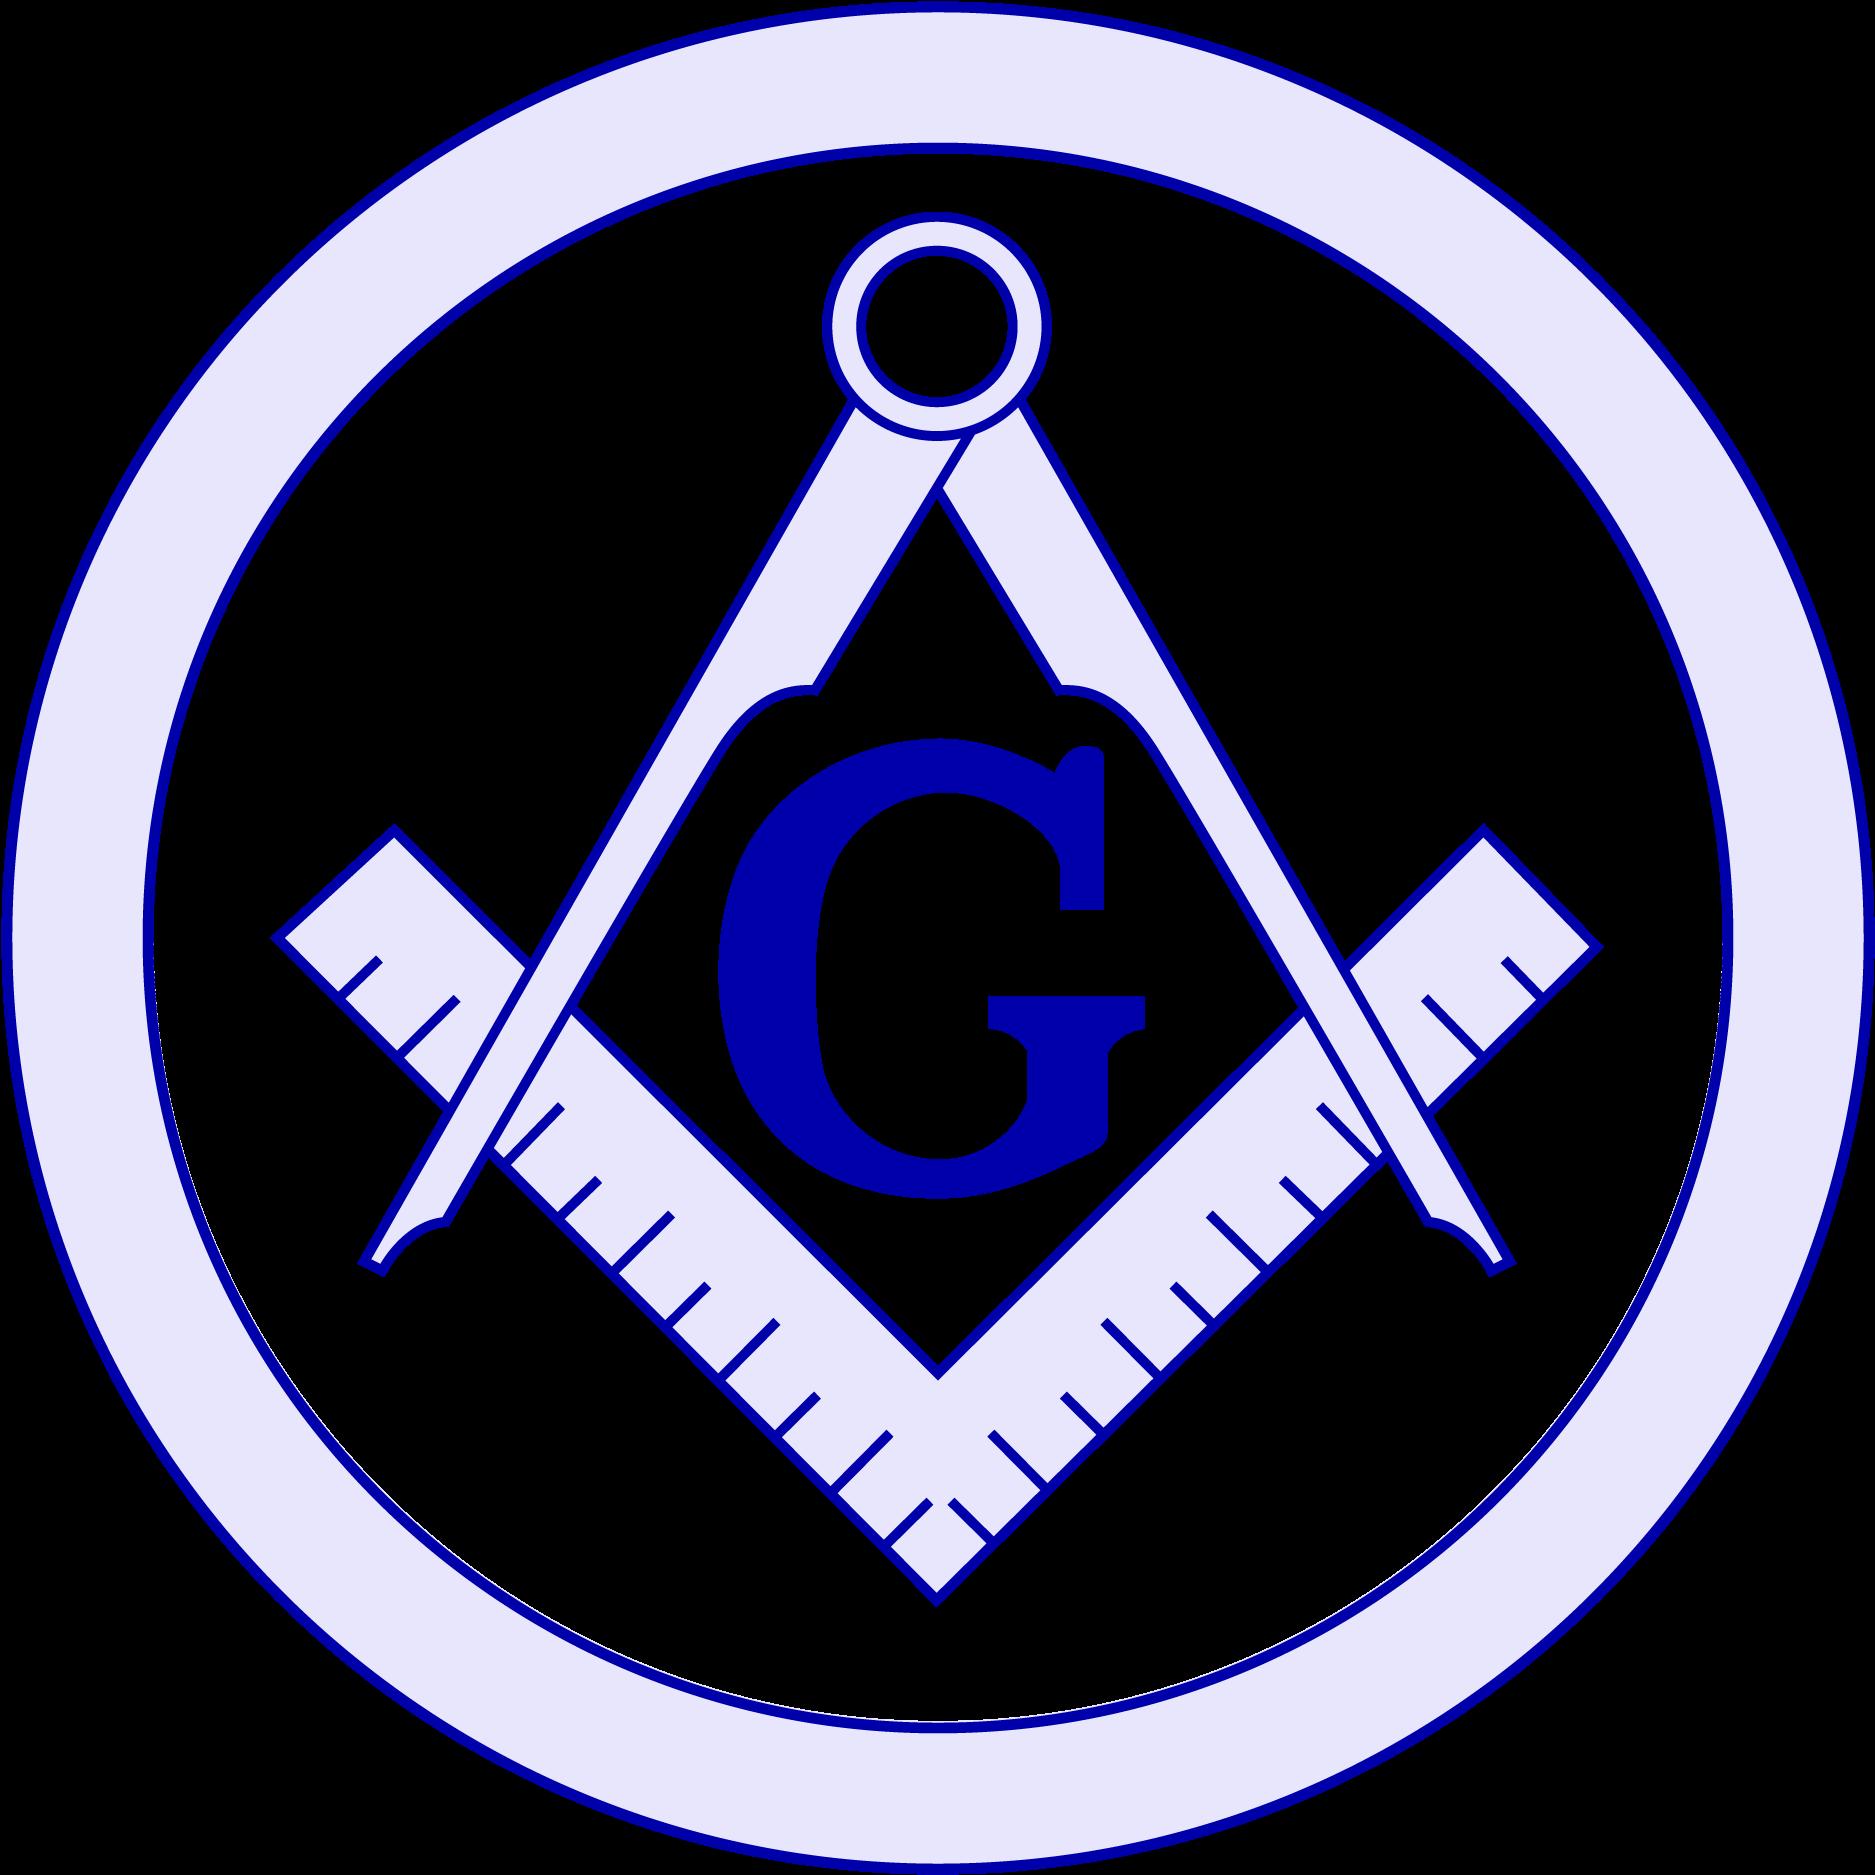 Masonic Apron Cliparts - Cliparts Zone